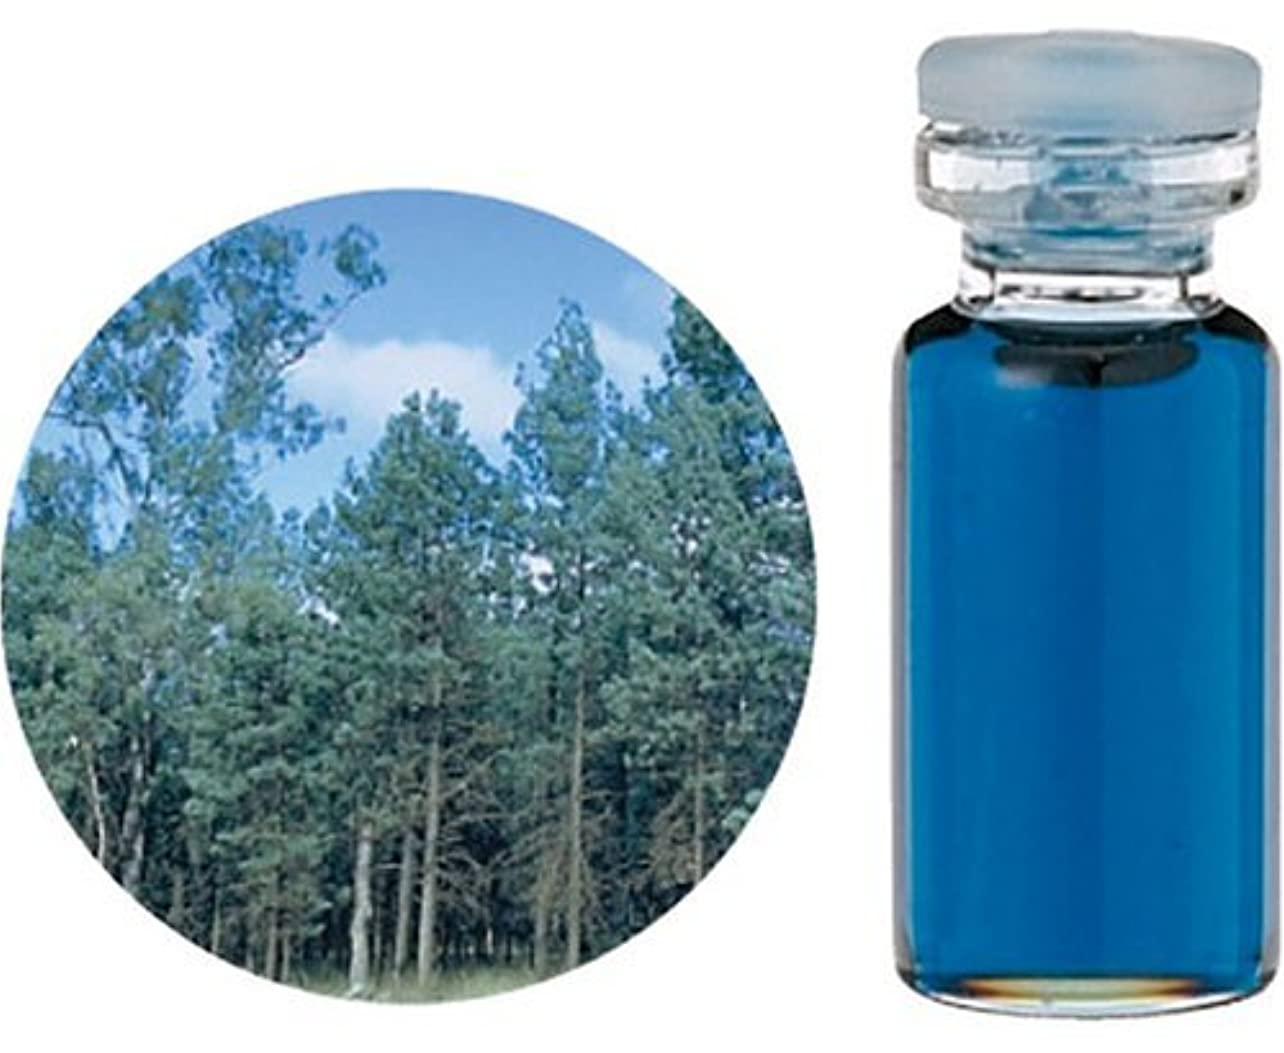 密度セールピーブ生活の木 C ブルー サイプレス エッセンシャルオイル 3ml オイル